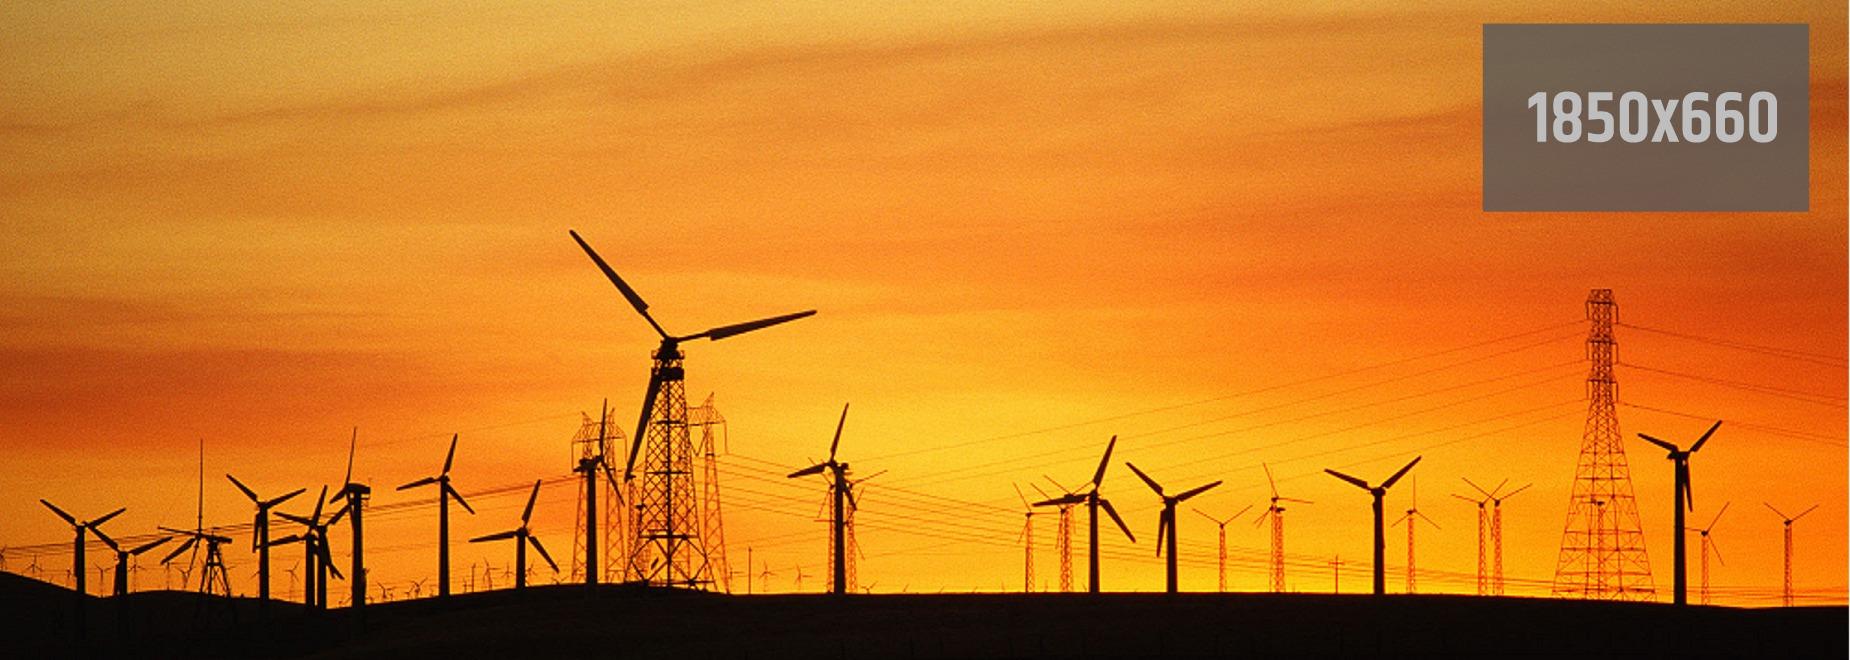 Clean Energy Solutions :: Neque porro quisquam est qui dolorem ipsum quia dolor sit amet, consectetur 1